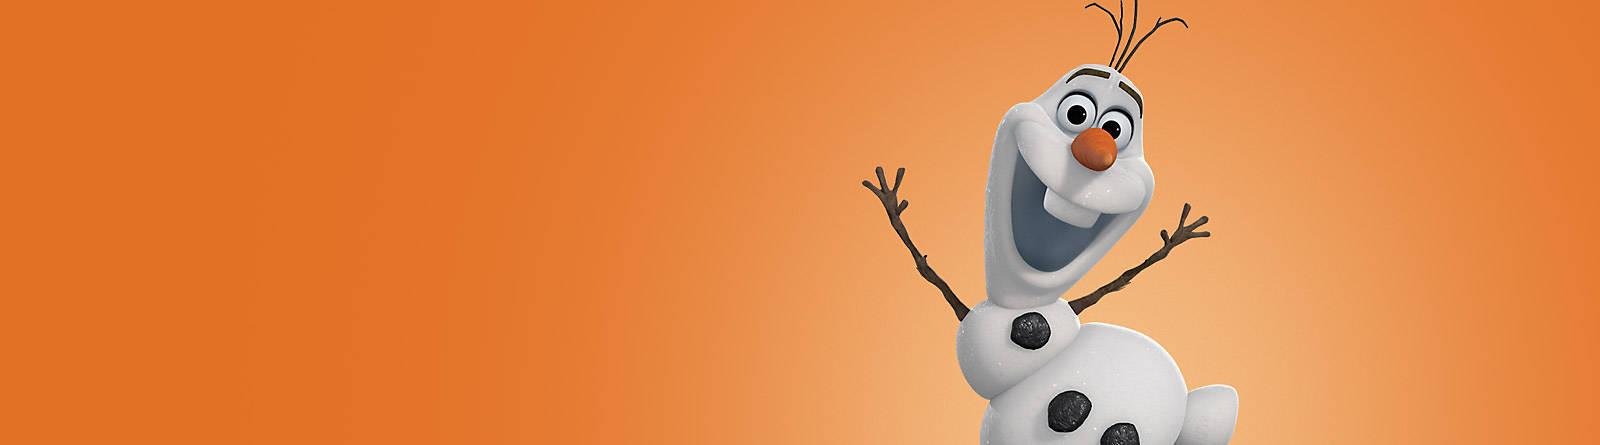 Olaf Los productos de Olaf de Frozen que tenemos en nuestro catálogo te darán toda la magia que necesitas. ¡Descúbrelos!